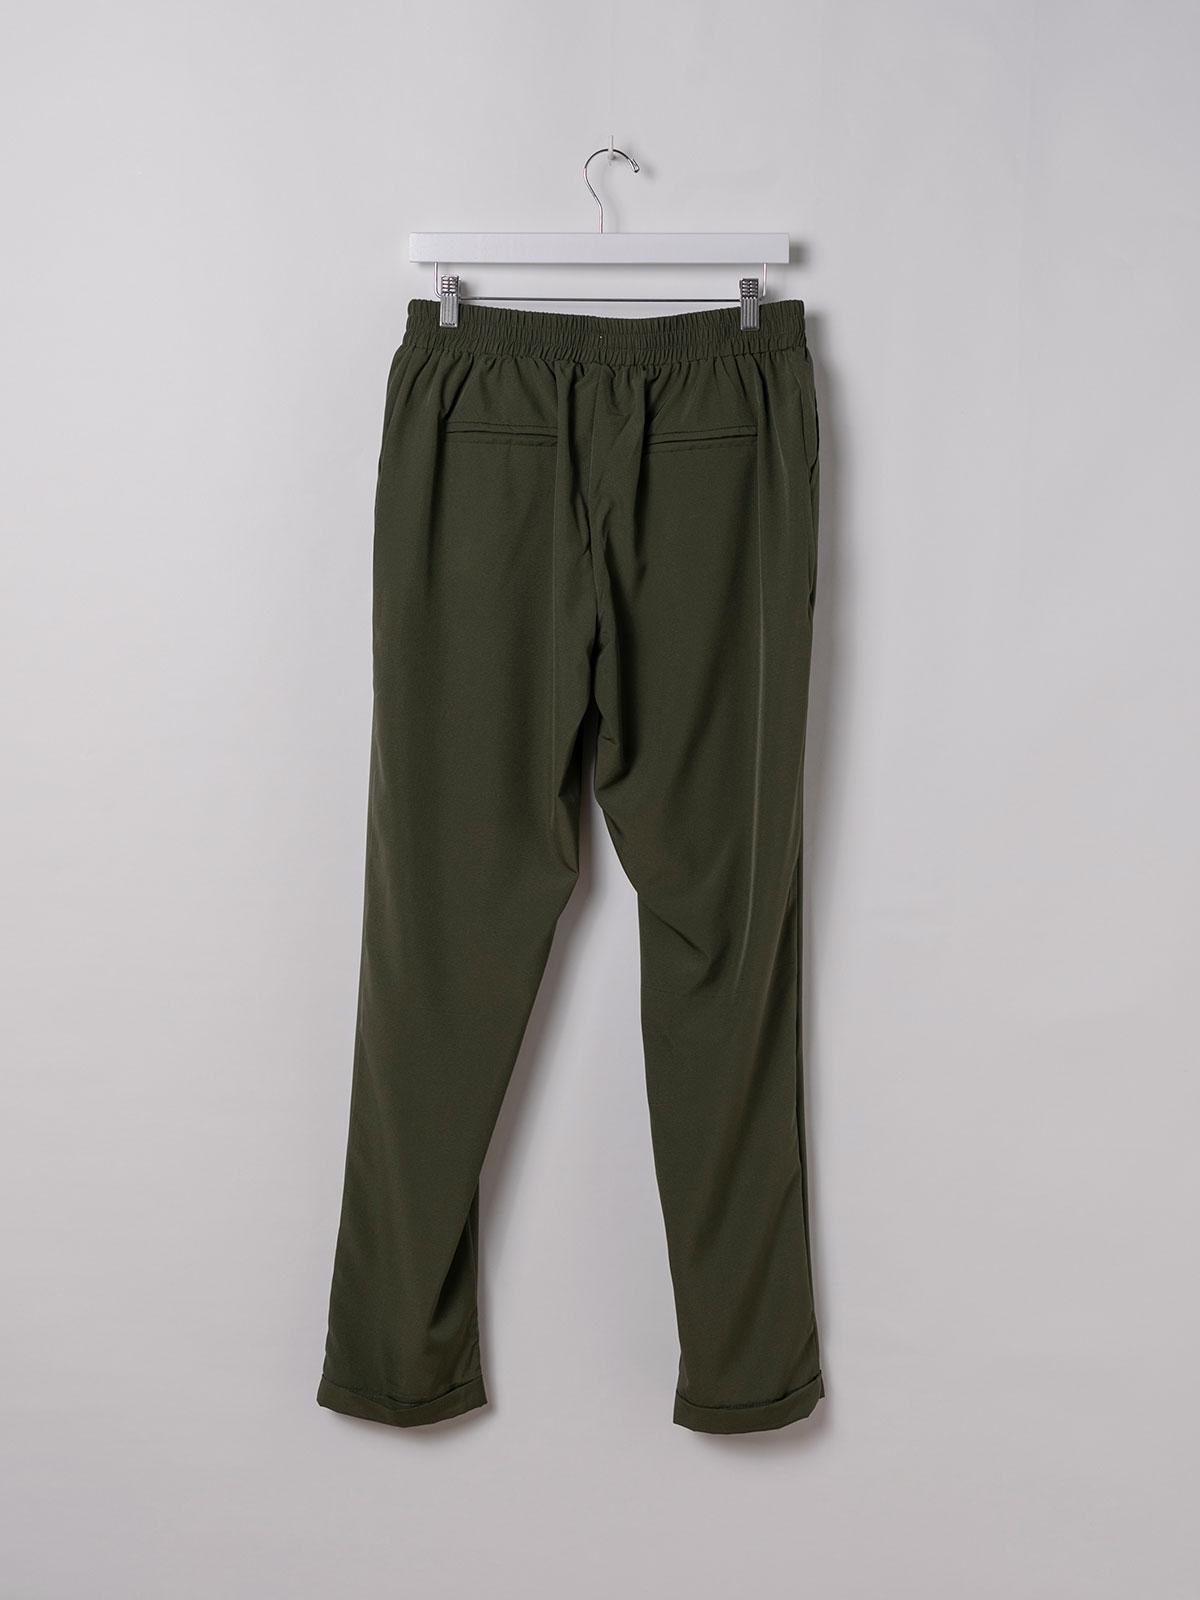 Pantalón mujer confort liso Caqui